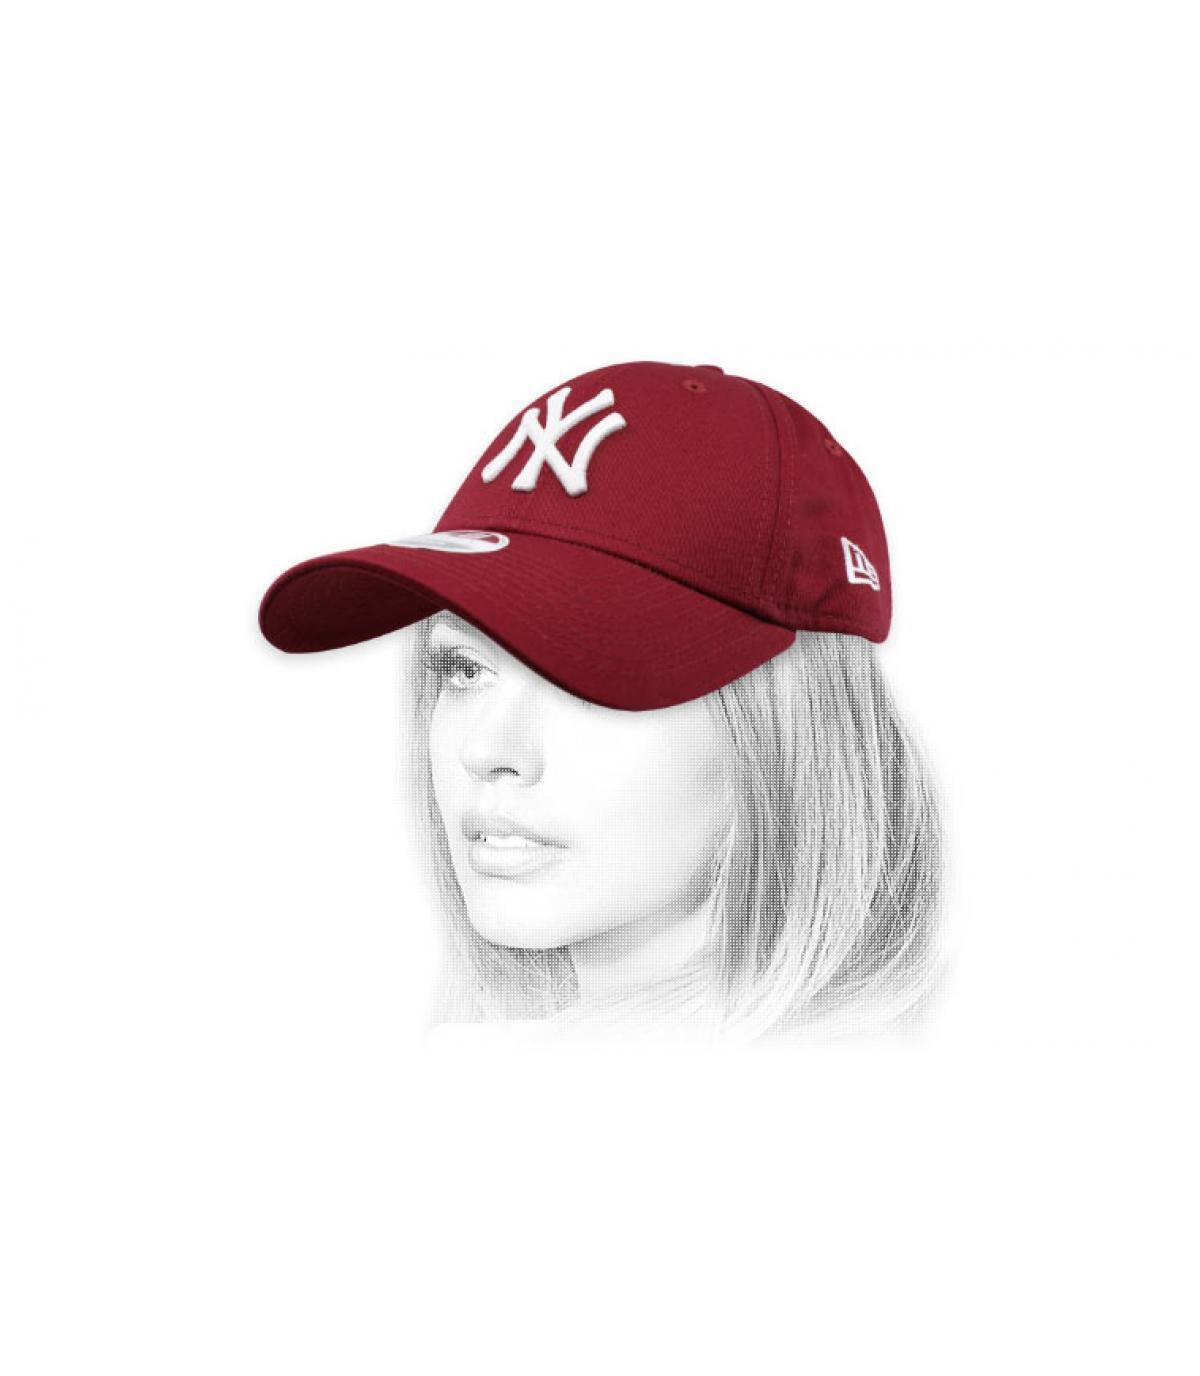 cappello donna NY bordeaux